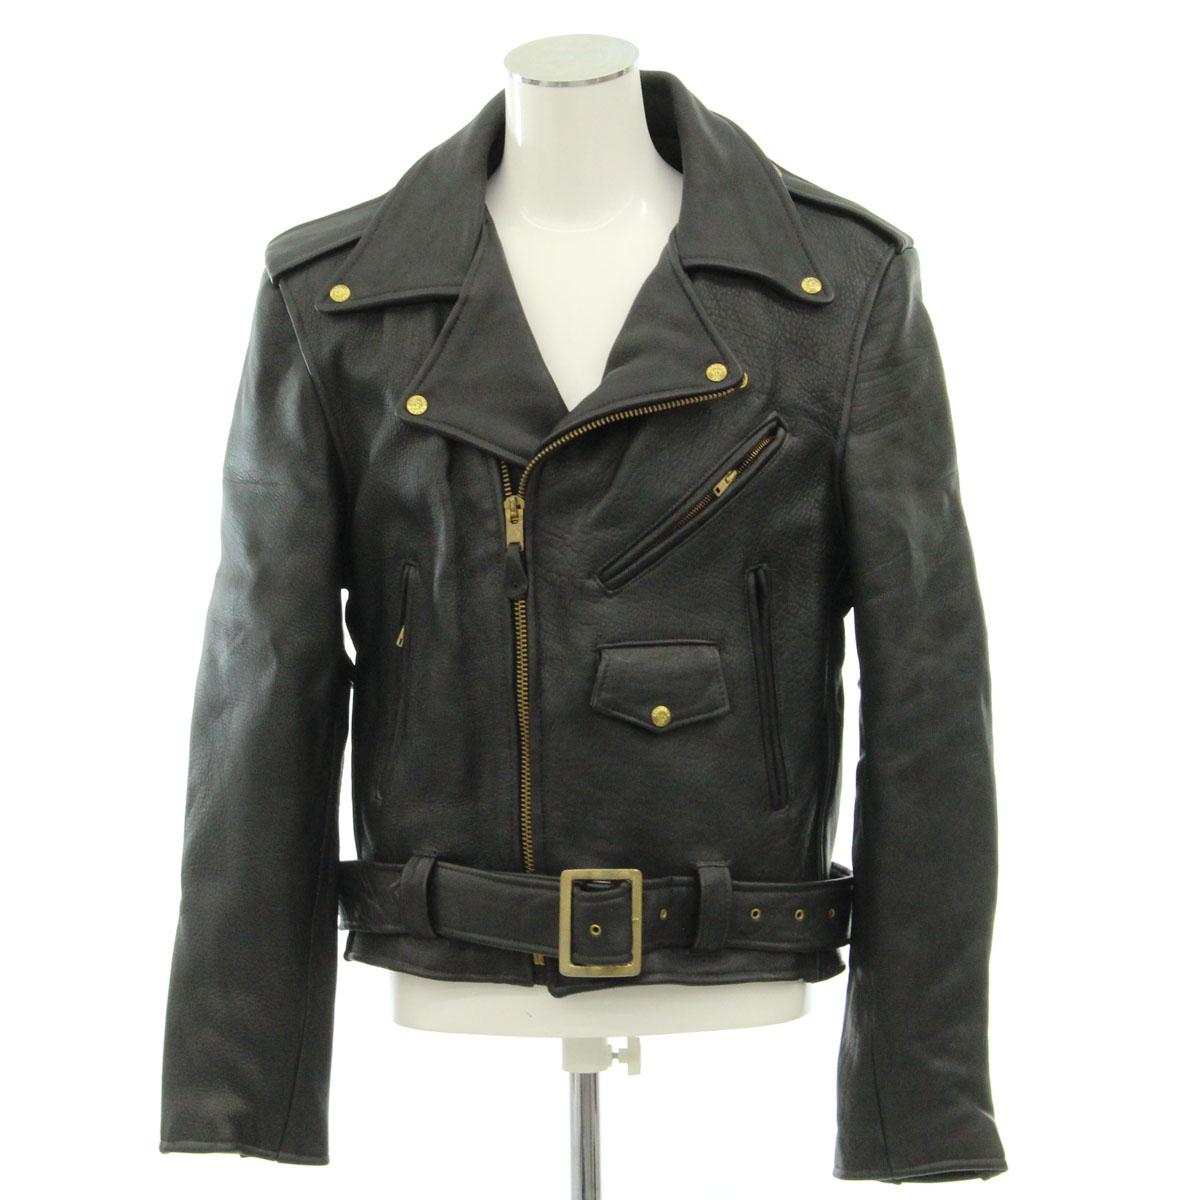 【中古】◆ブランデッドガーメンツ ダブルライダースジャケット サイズ42◆ブラック/黒/USA製/大きいサイズ/革ジャン